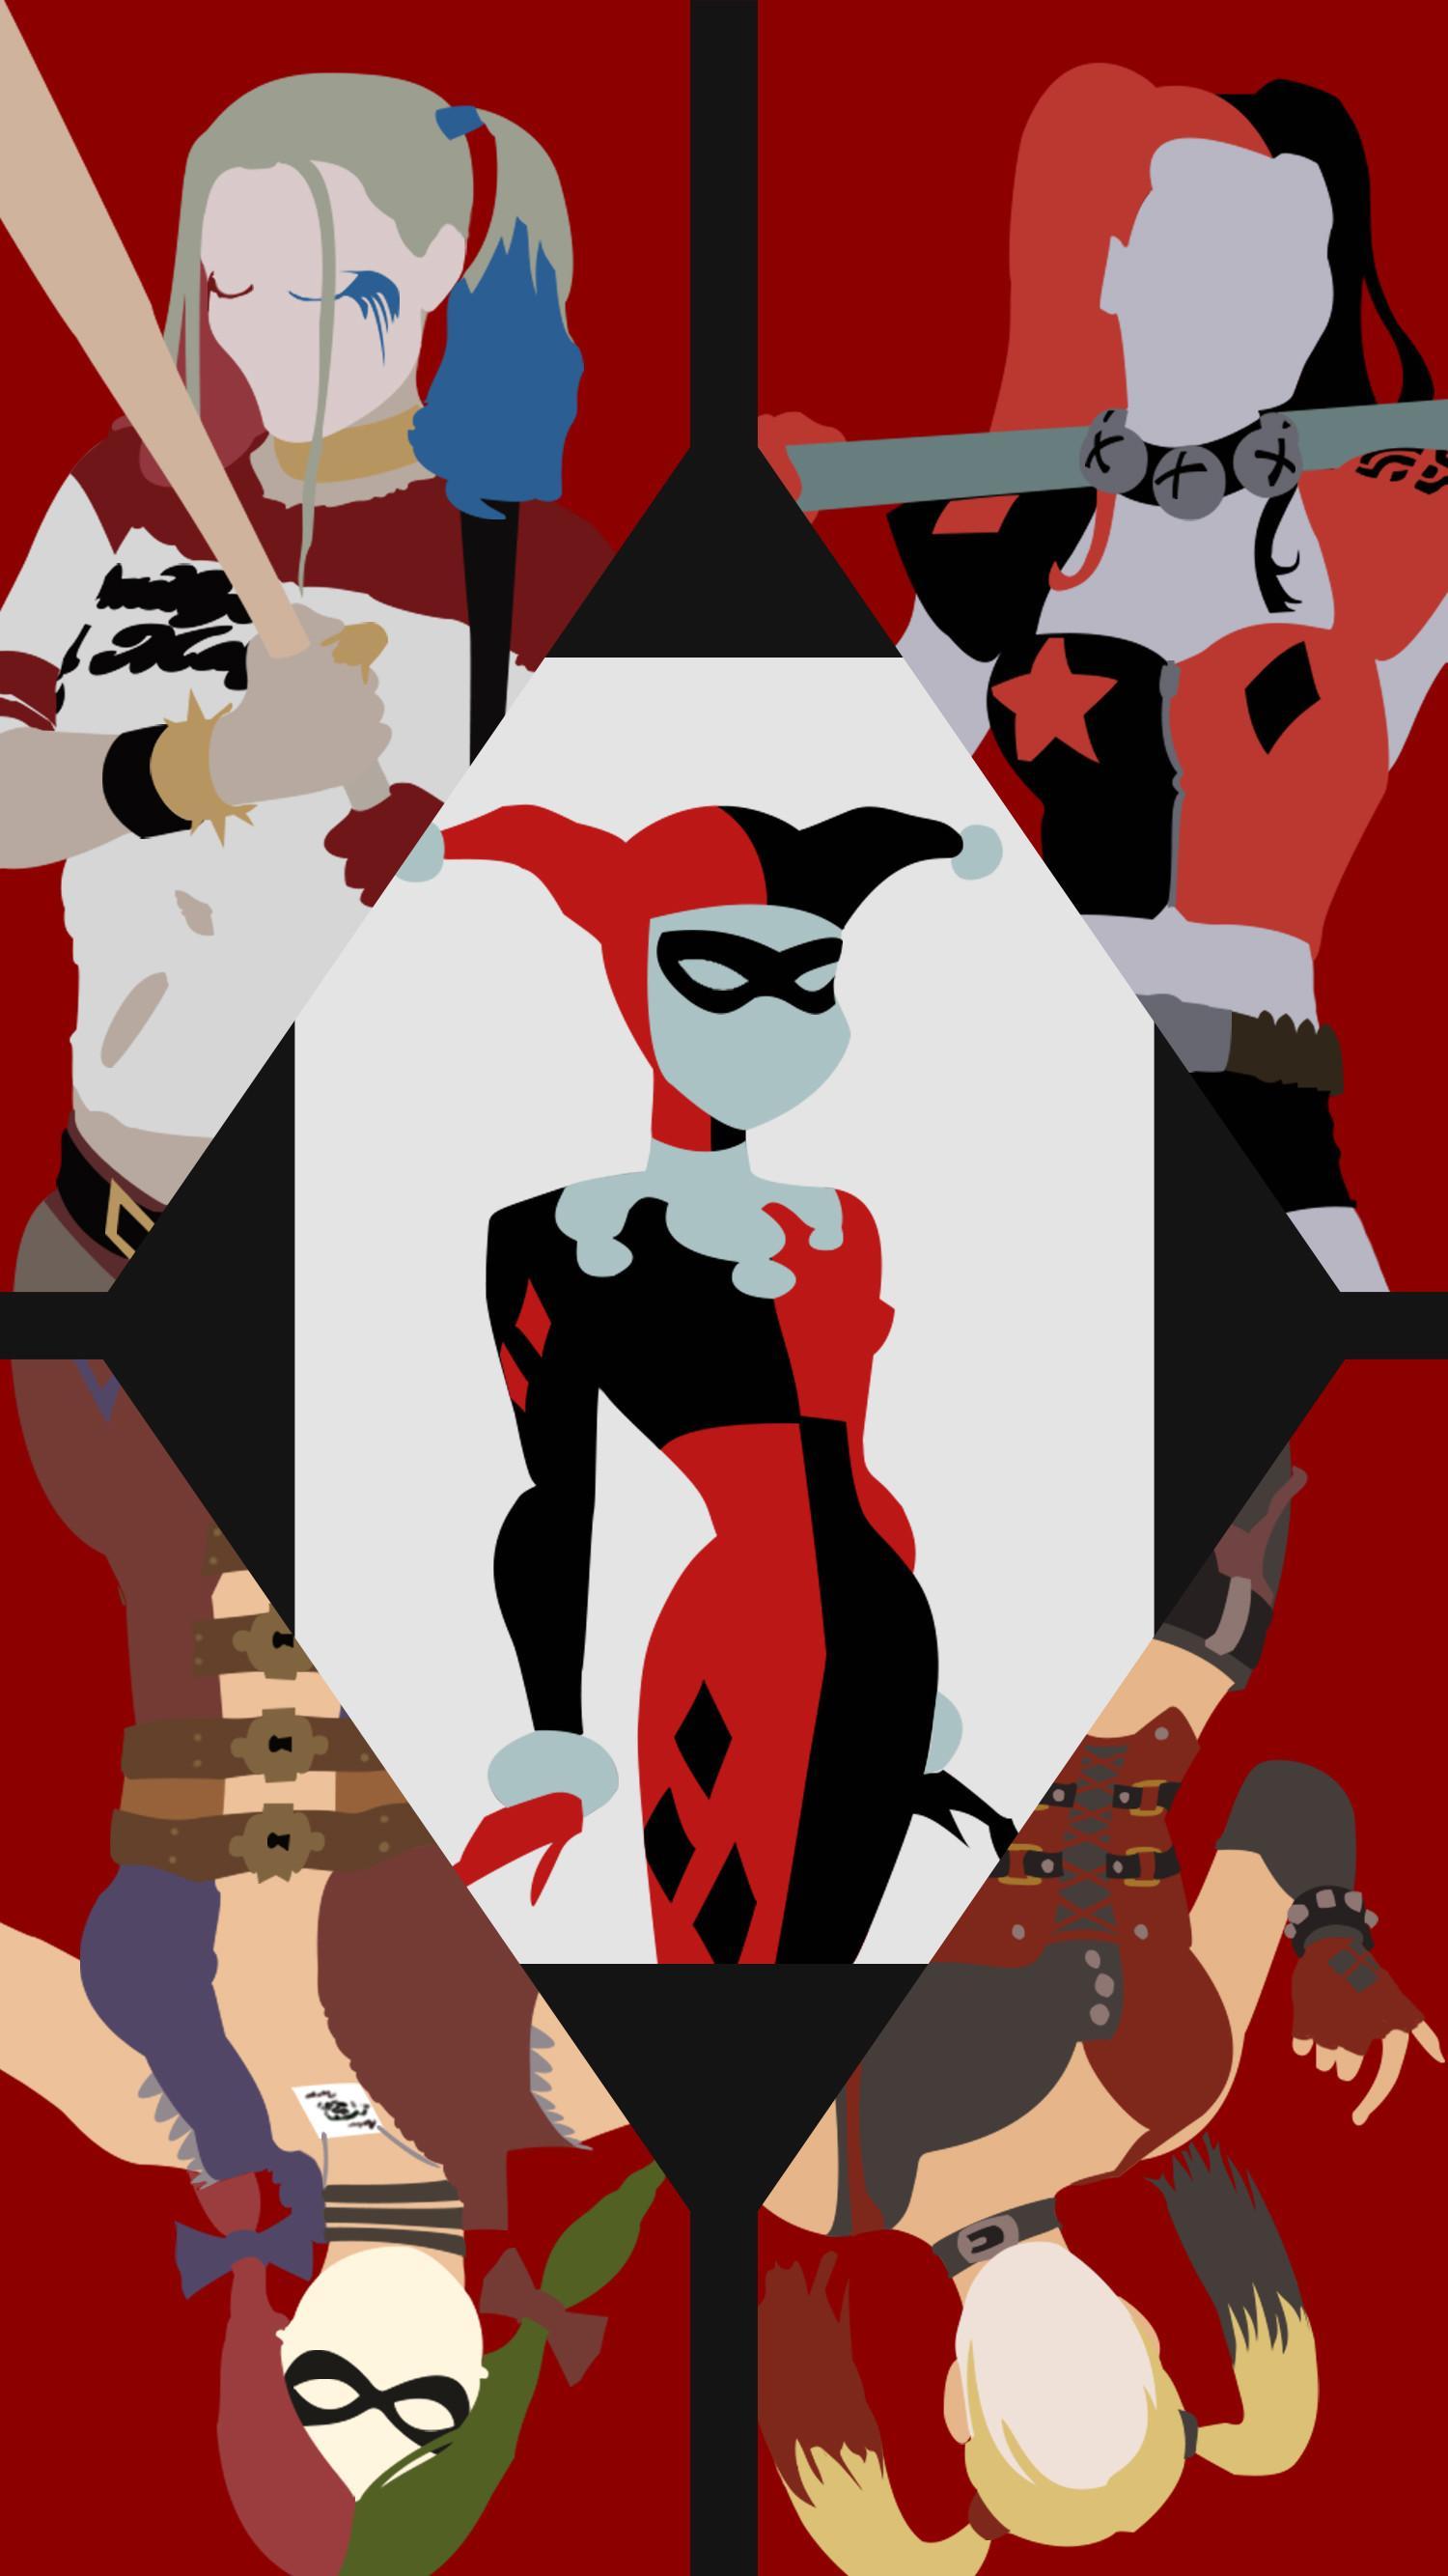 Harley Quinn Wallpaper Cartoon : harley, quinn, wallpaper, cartoon, Harley, Quinn, Cartoon, Wallpaper